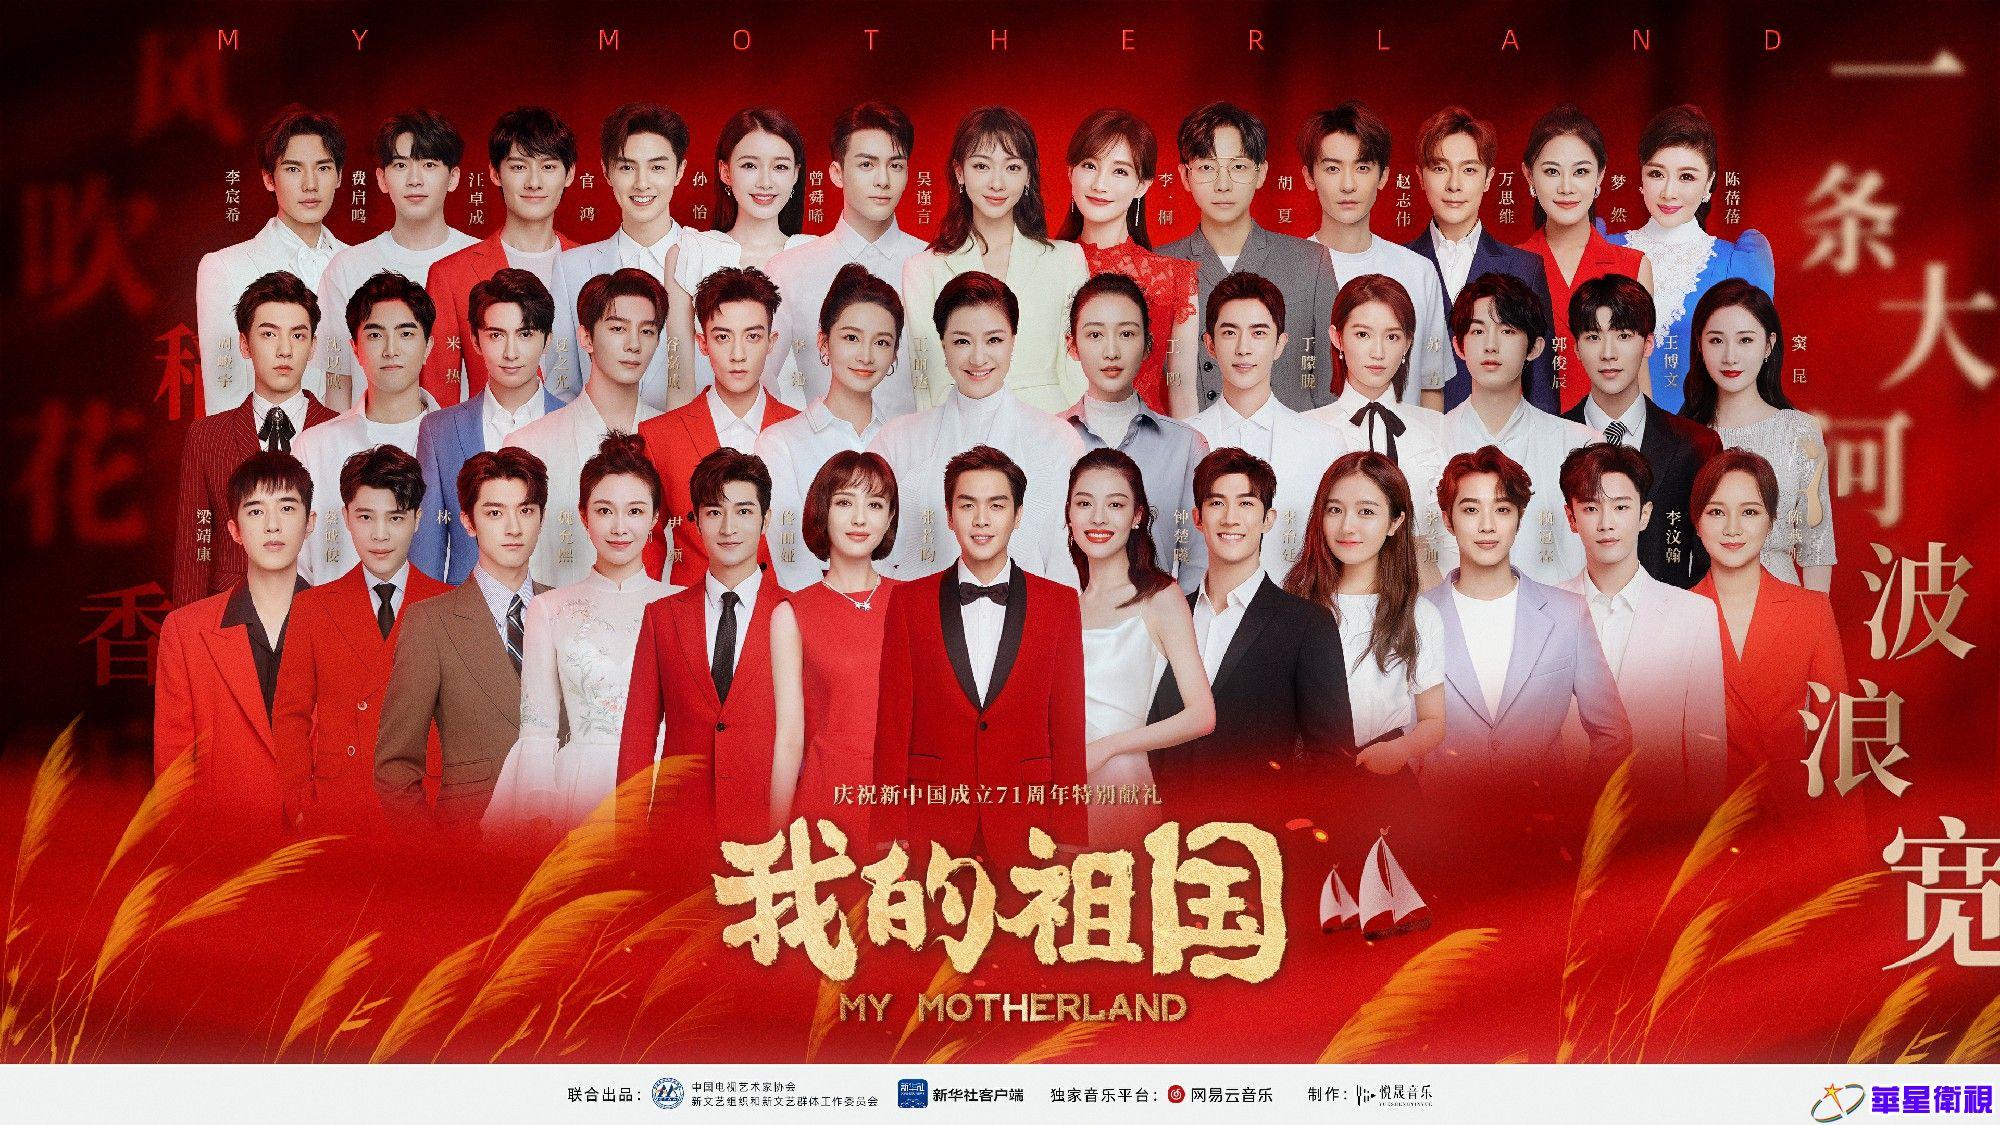 群星聚集《我的祖国》MV 献礼新中国成立71周年